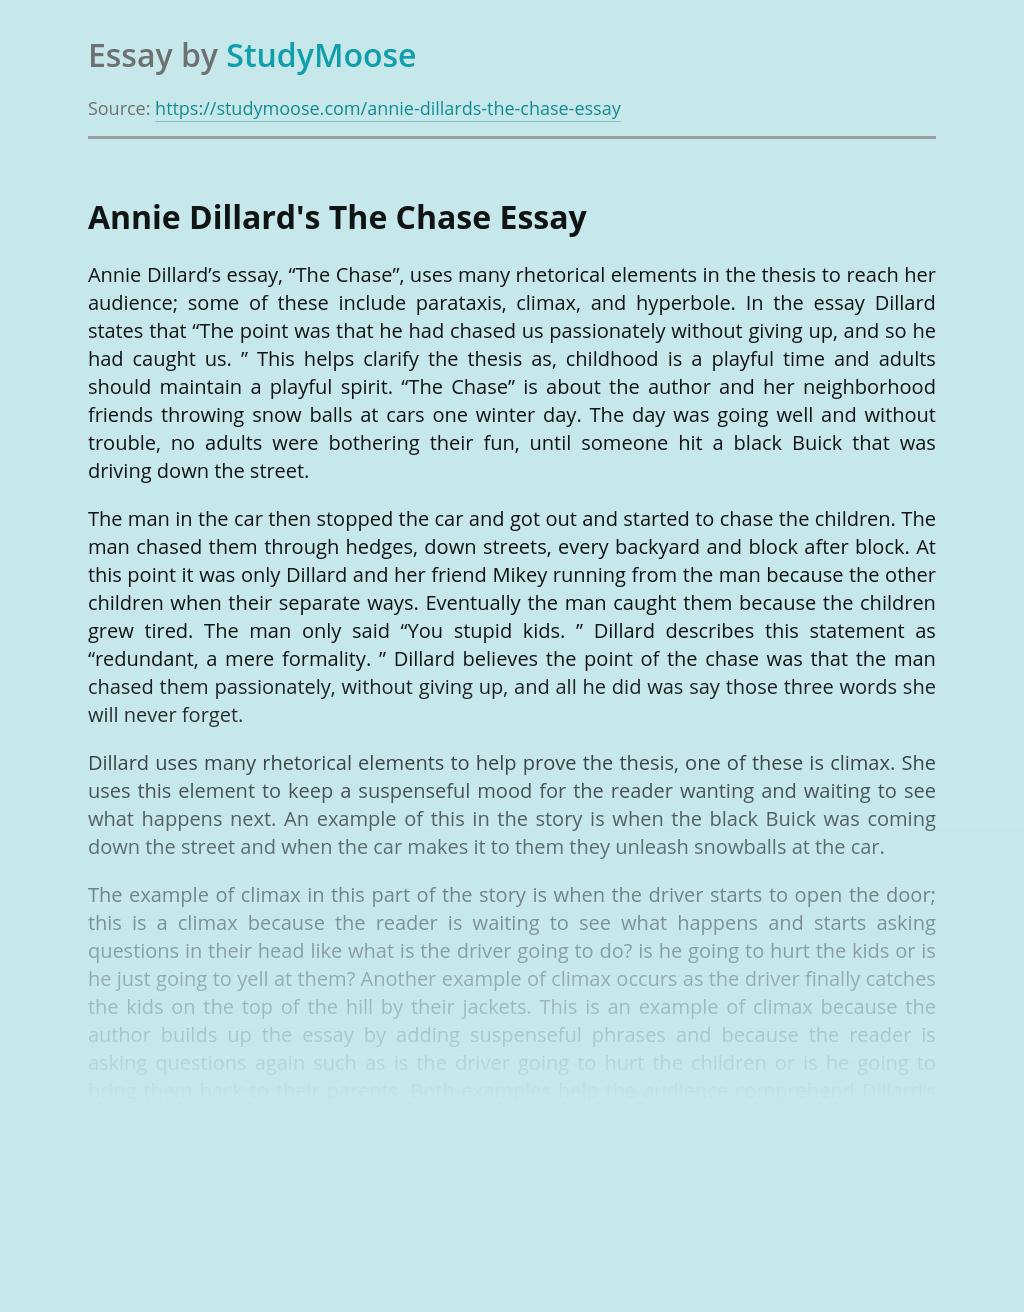 Annie Dillard's The Chase